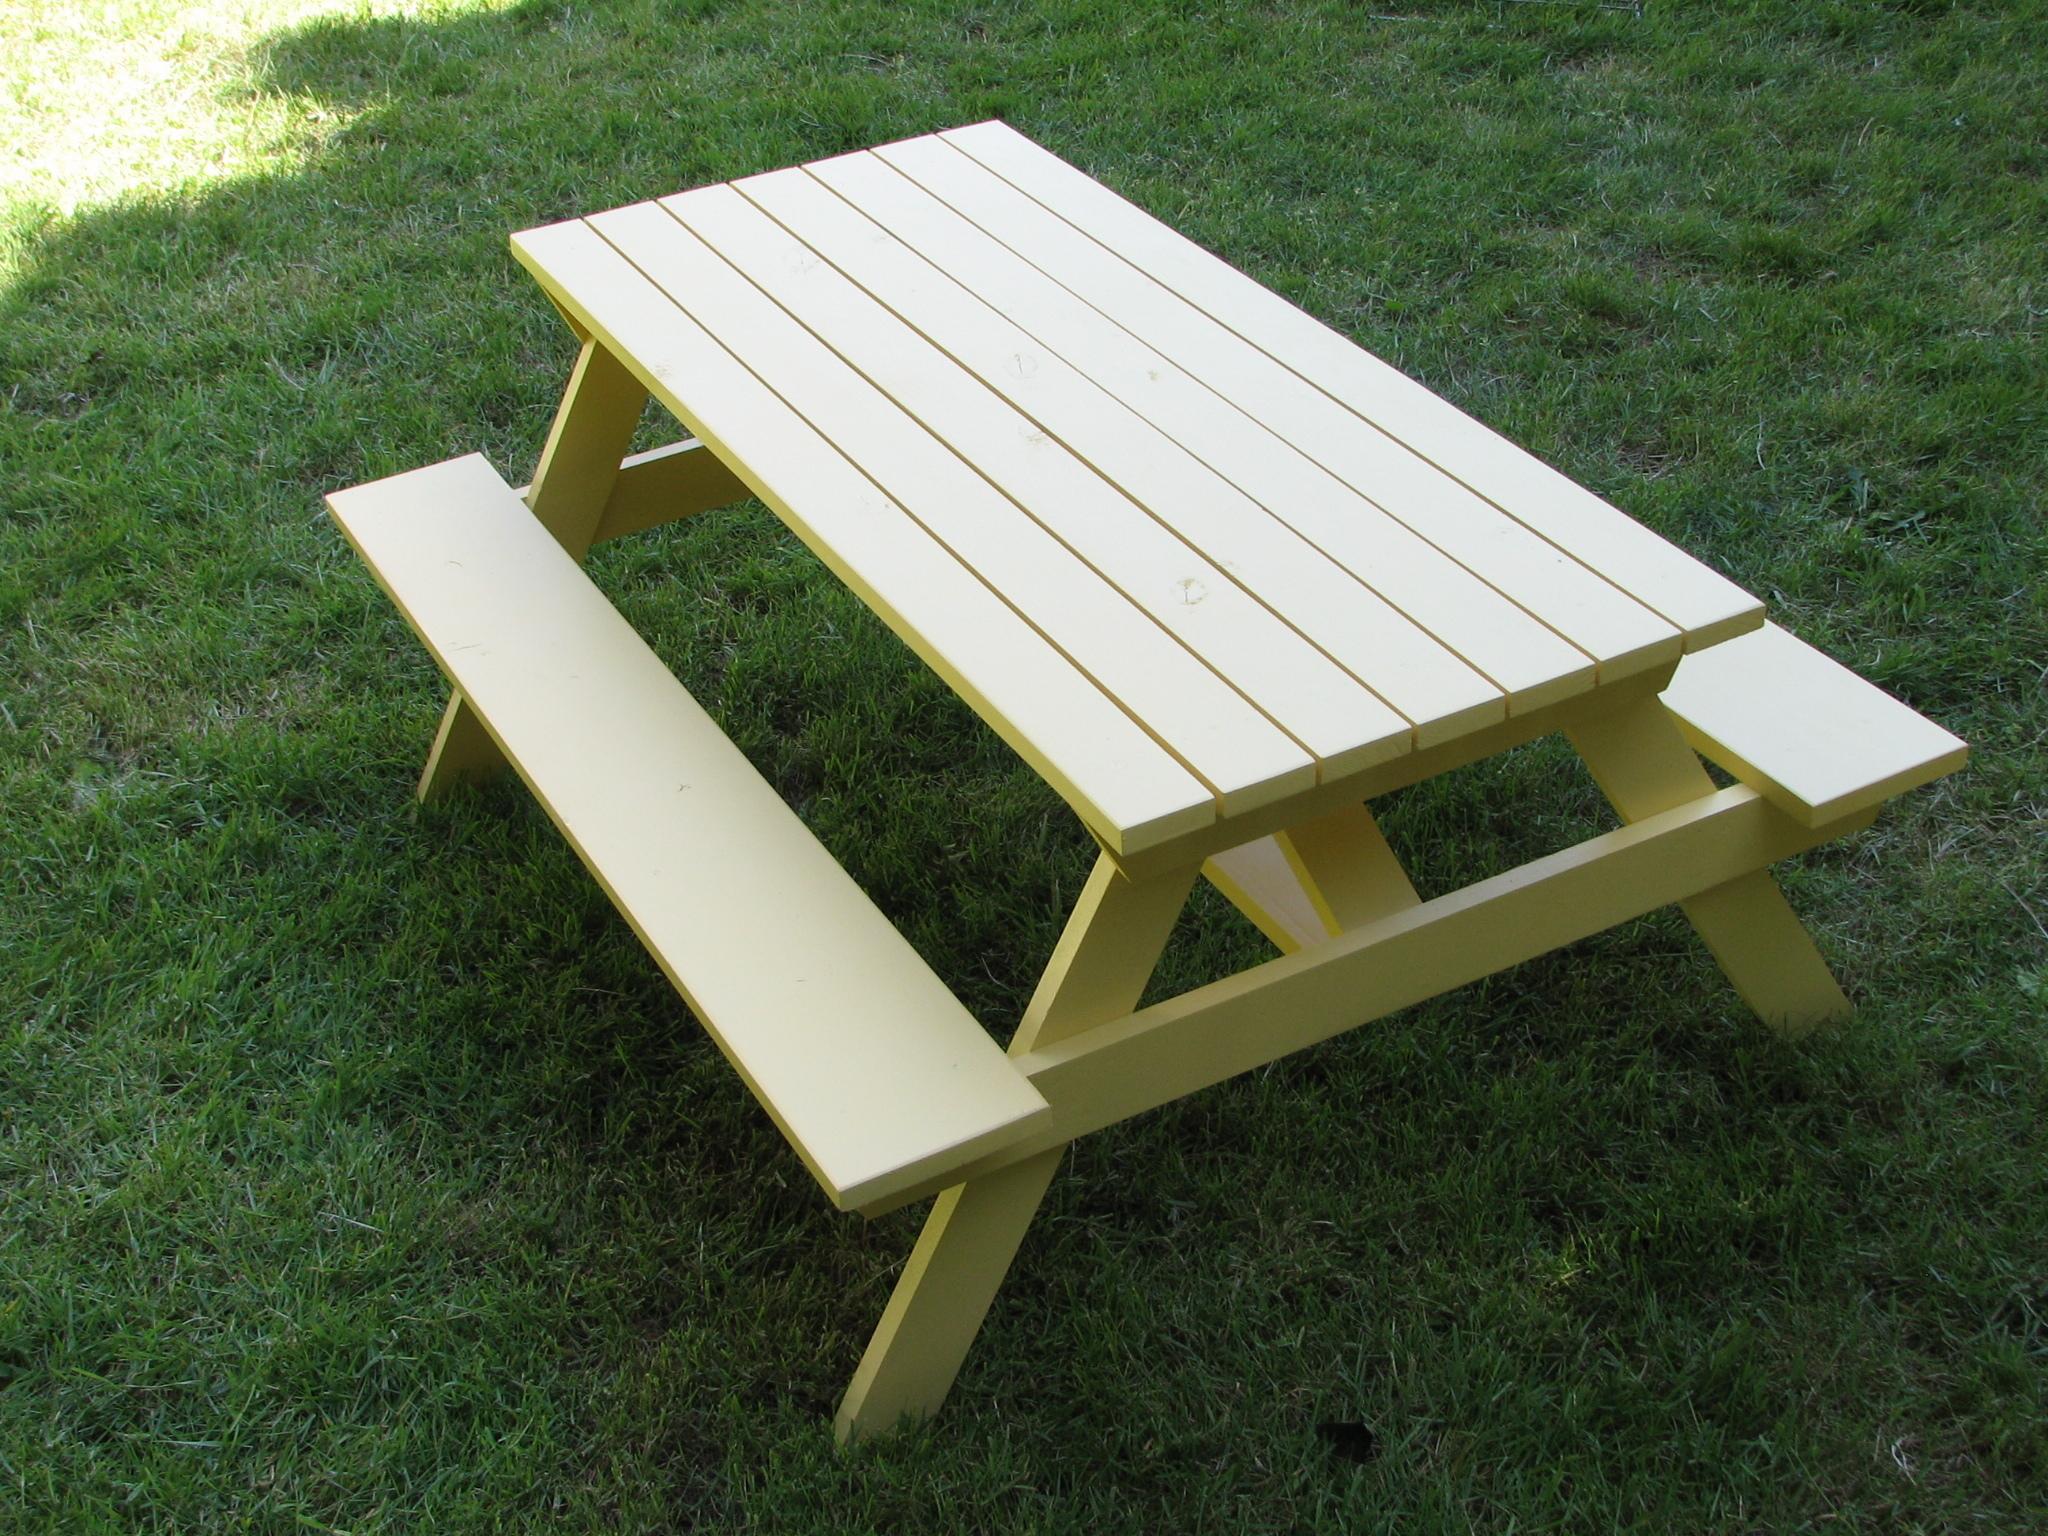 Fabriquer sa propre table de pique-nique - Pour les makers